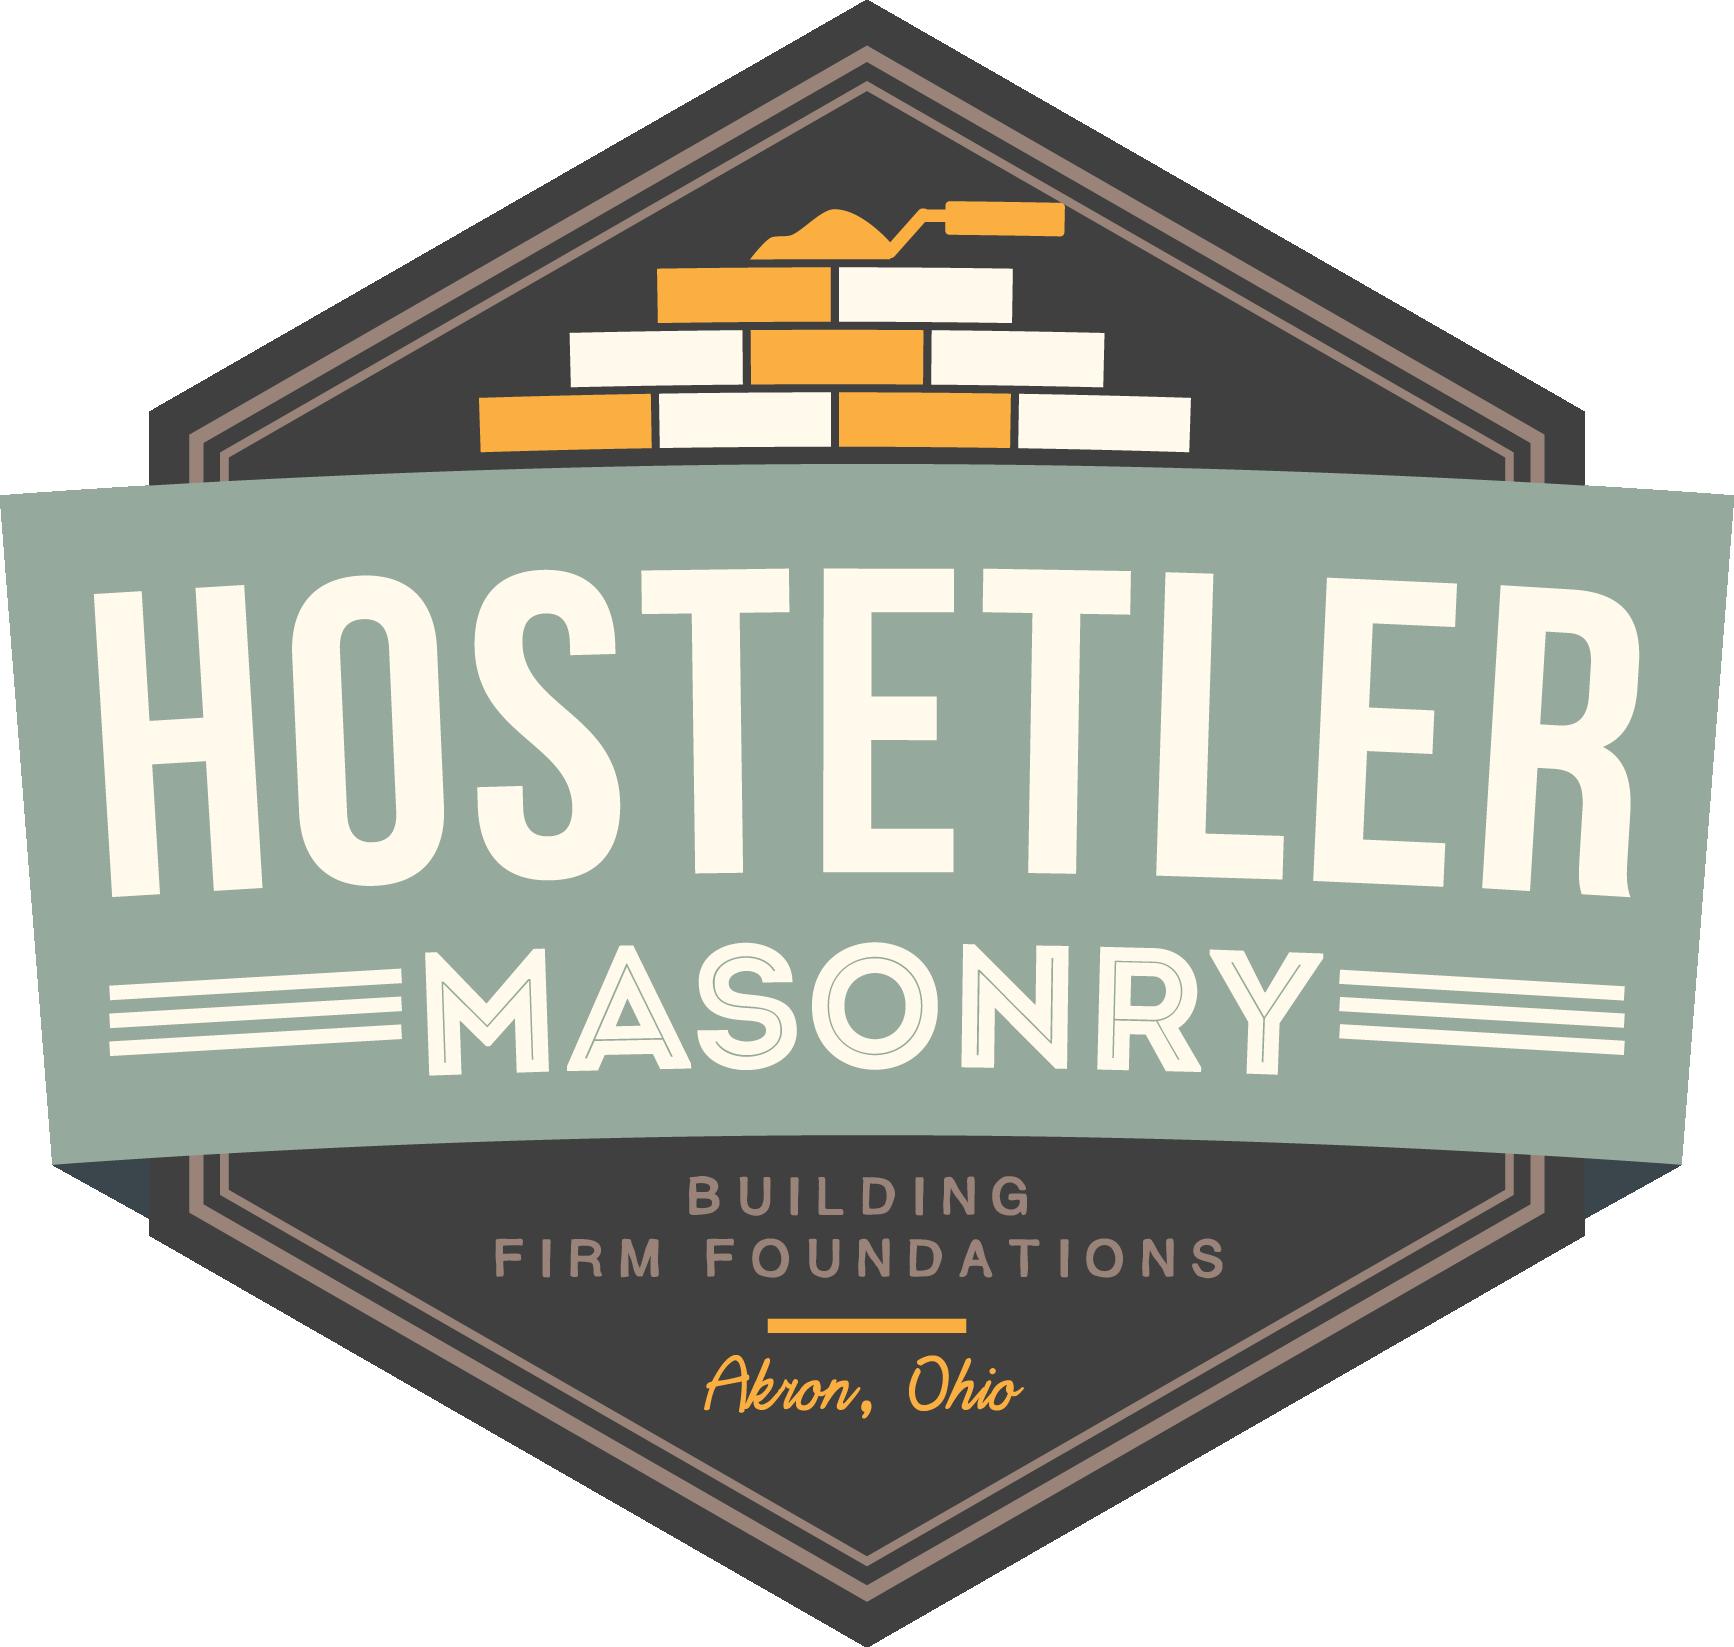 Hostetler Masonry